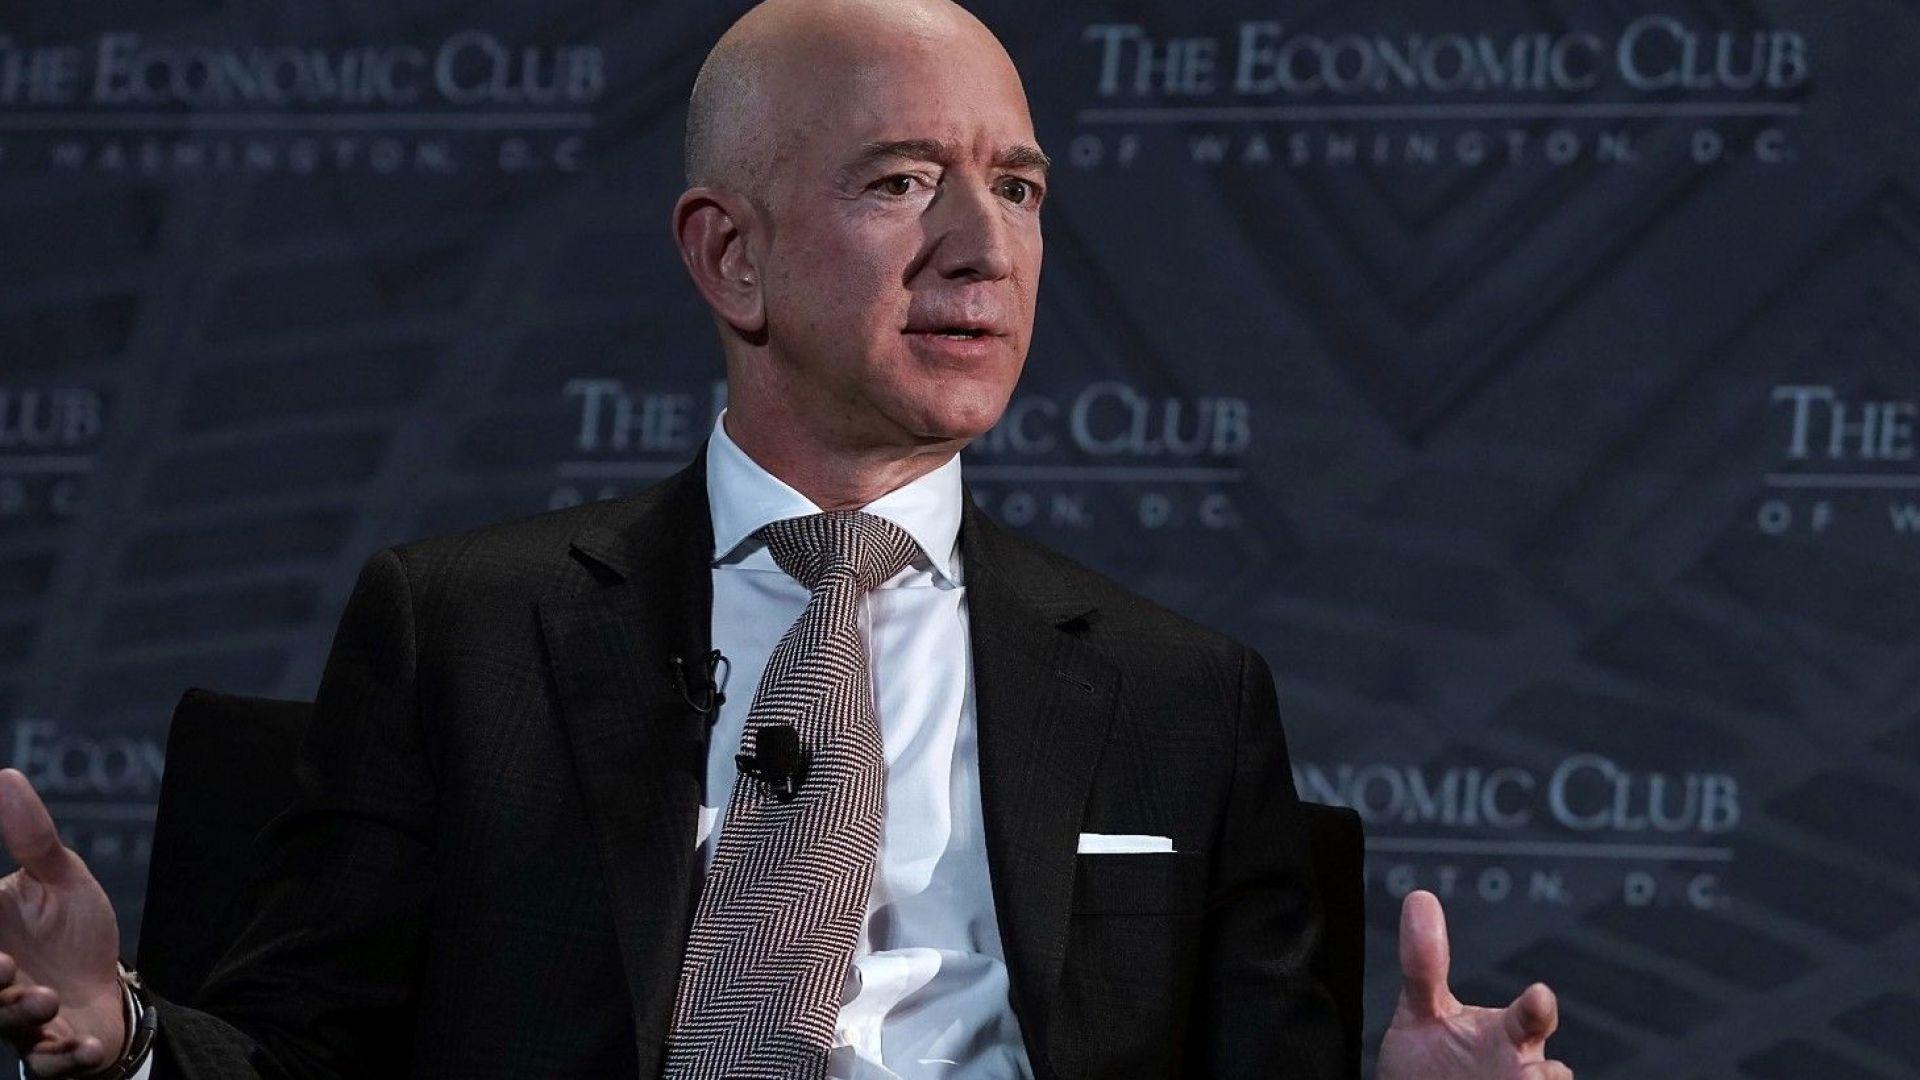 Топ 10 на най-богатите хора в света според Bloomberg